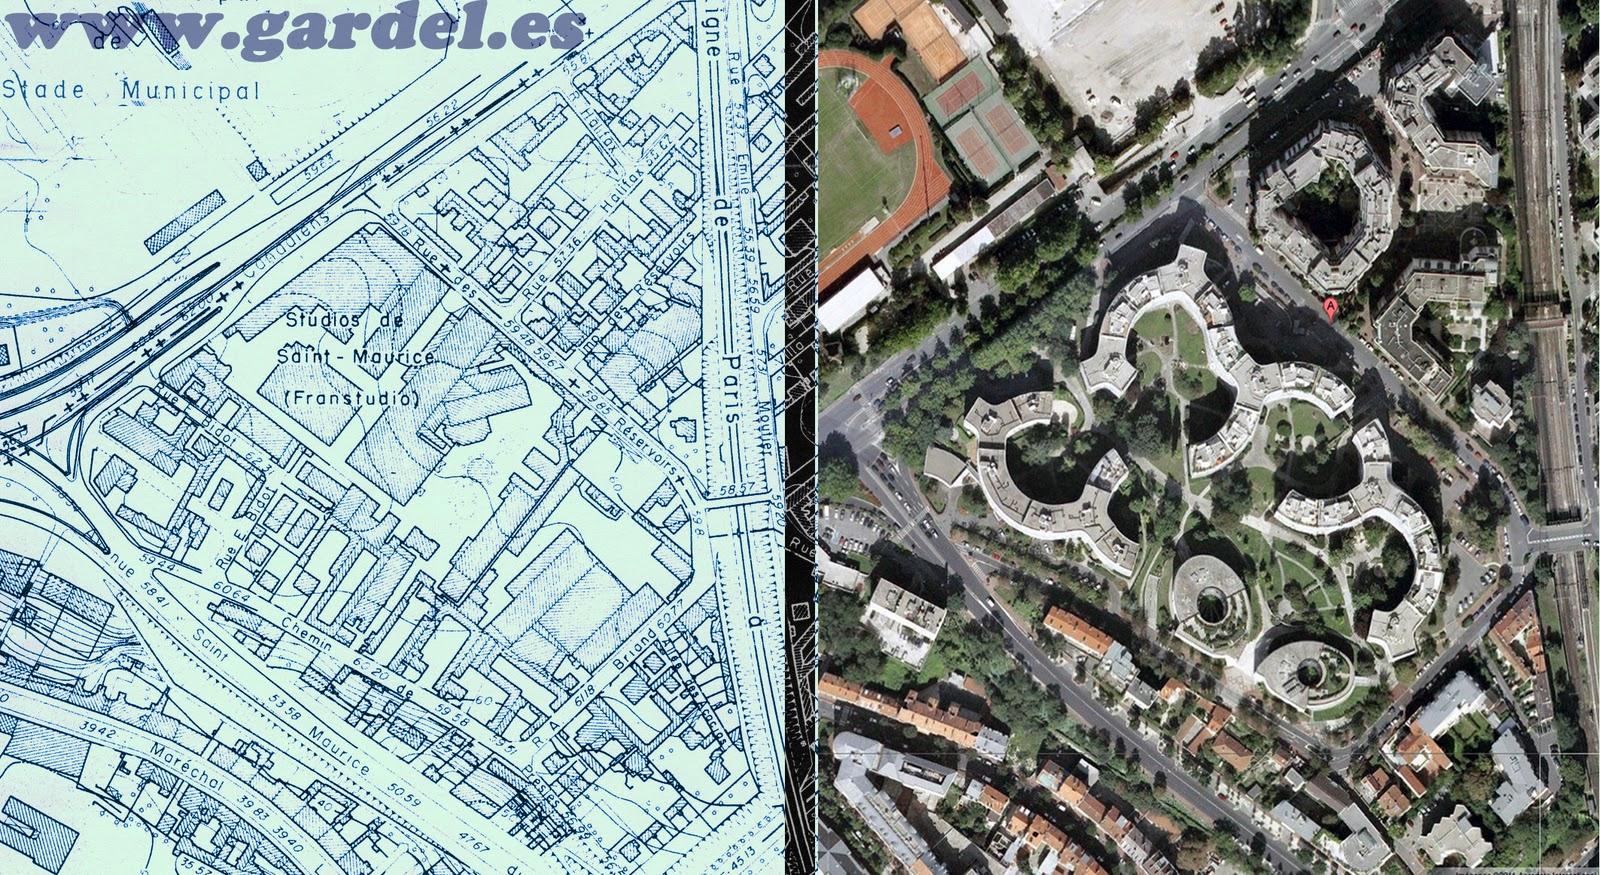 Studios de Saint-Maurice (Studios Paramount) 7rue+des+Reservoirs+Saint+Maurice+1947-2003